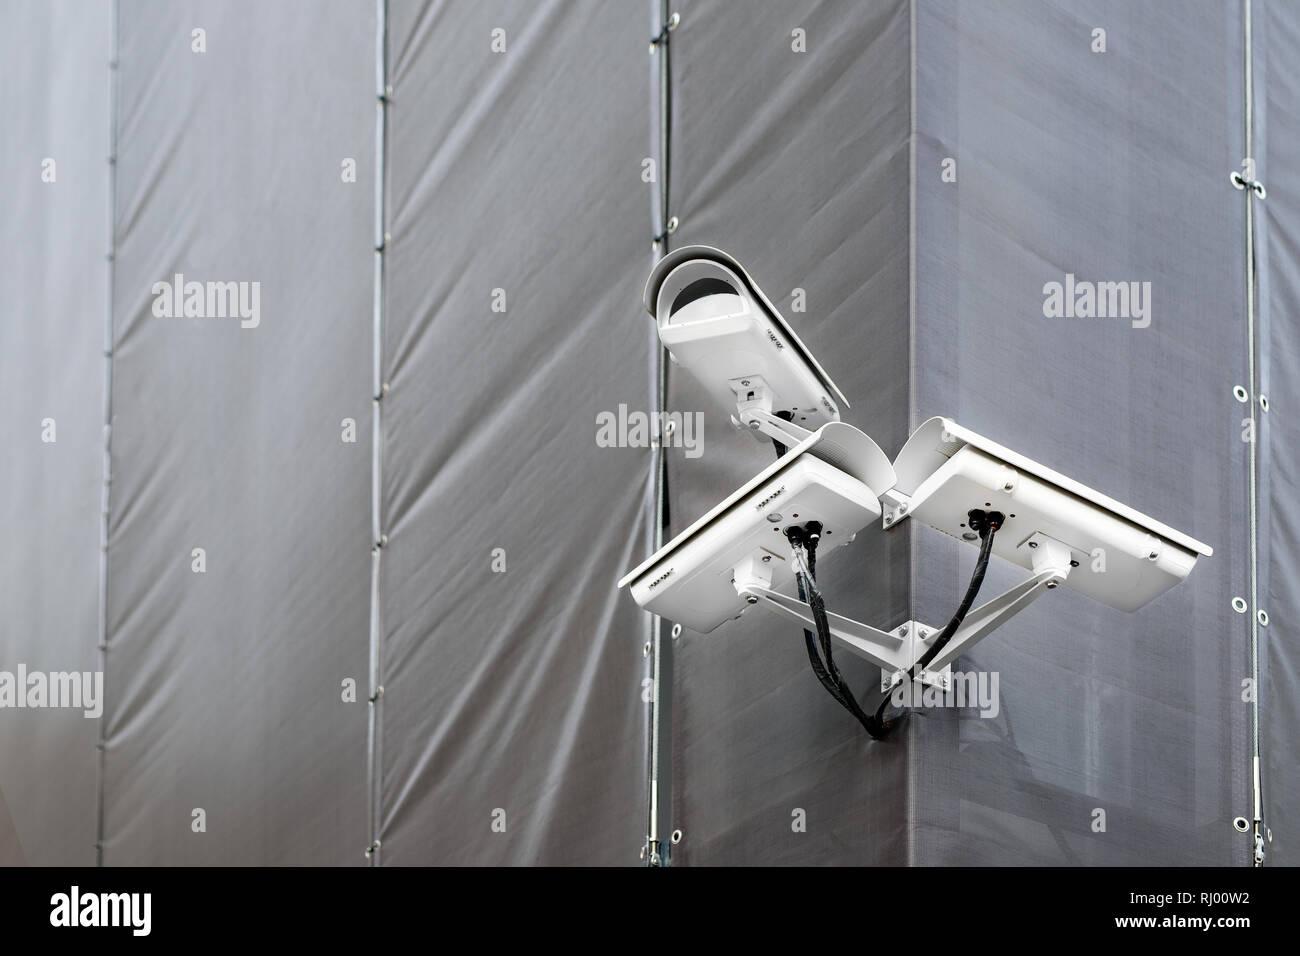 Tres cámaras CCTV en la esquina del edificio en restauración o renovación exterior. Cámaras de seguridad en el muro de la construcción en las calles de la ciudad Foto de stock